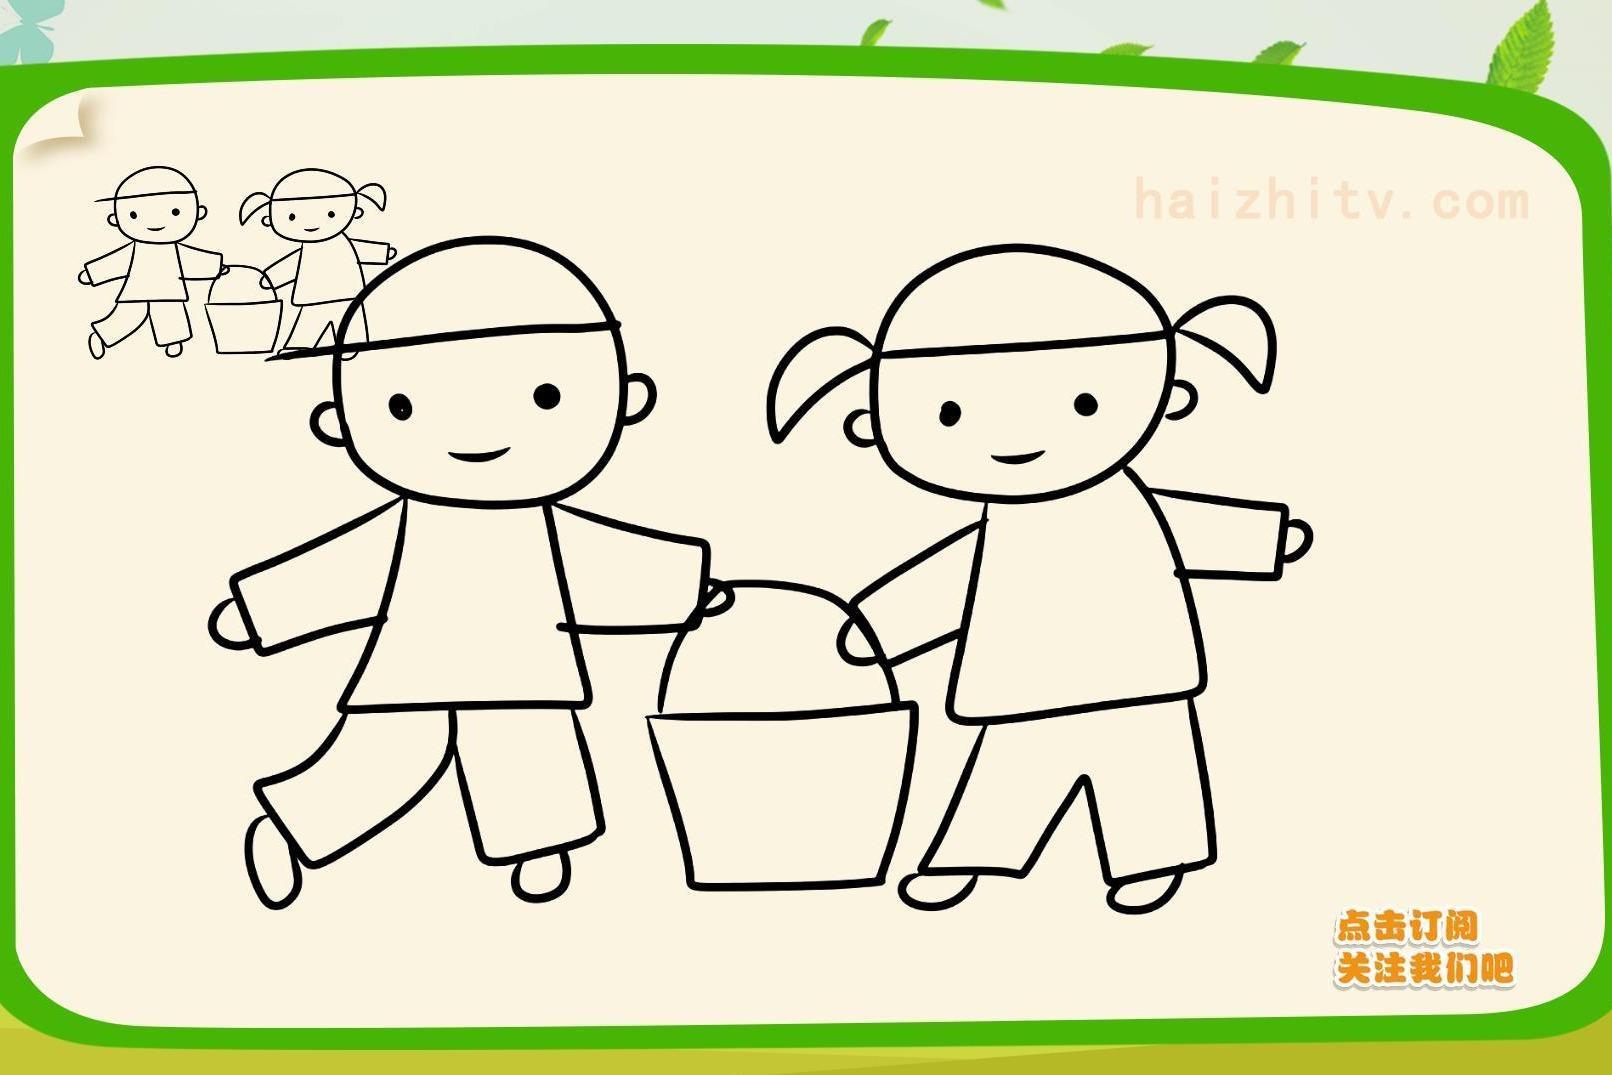 植树节简笔画教程,如何画小朋友给小树浇水,海知简笔画大全